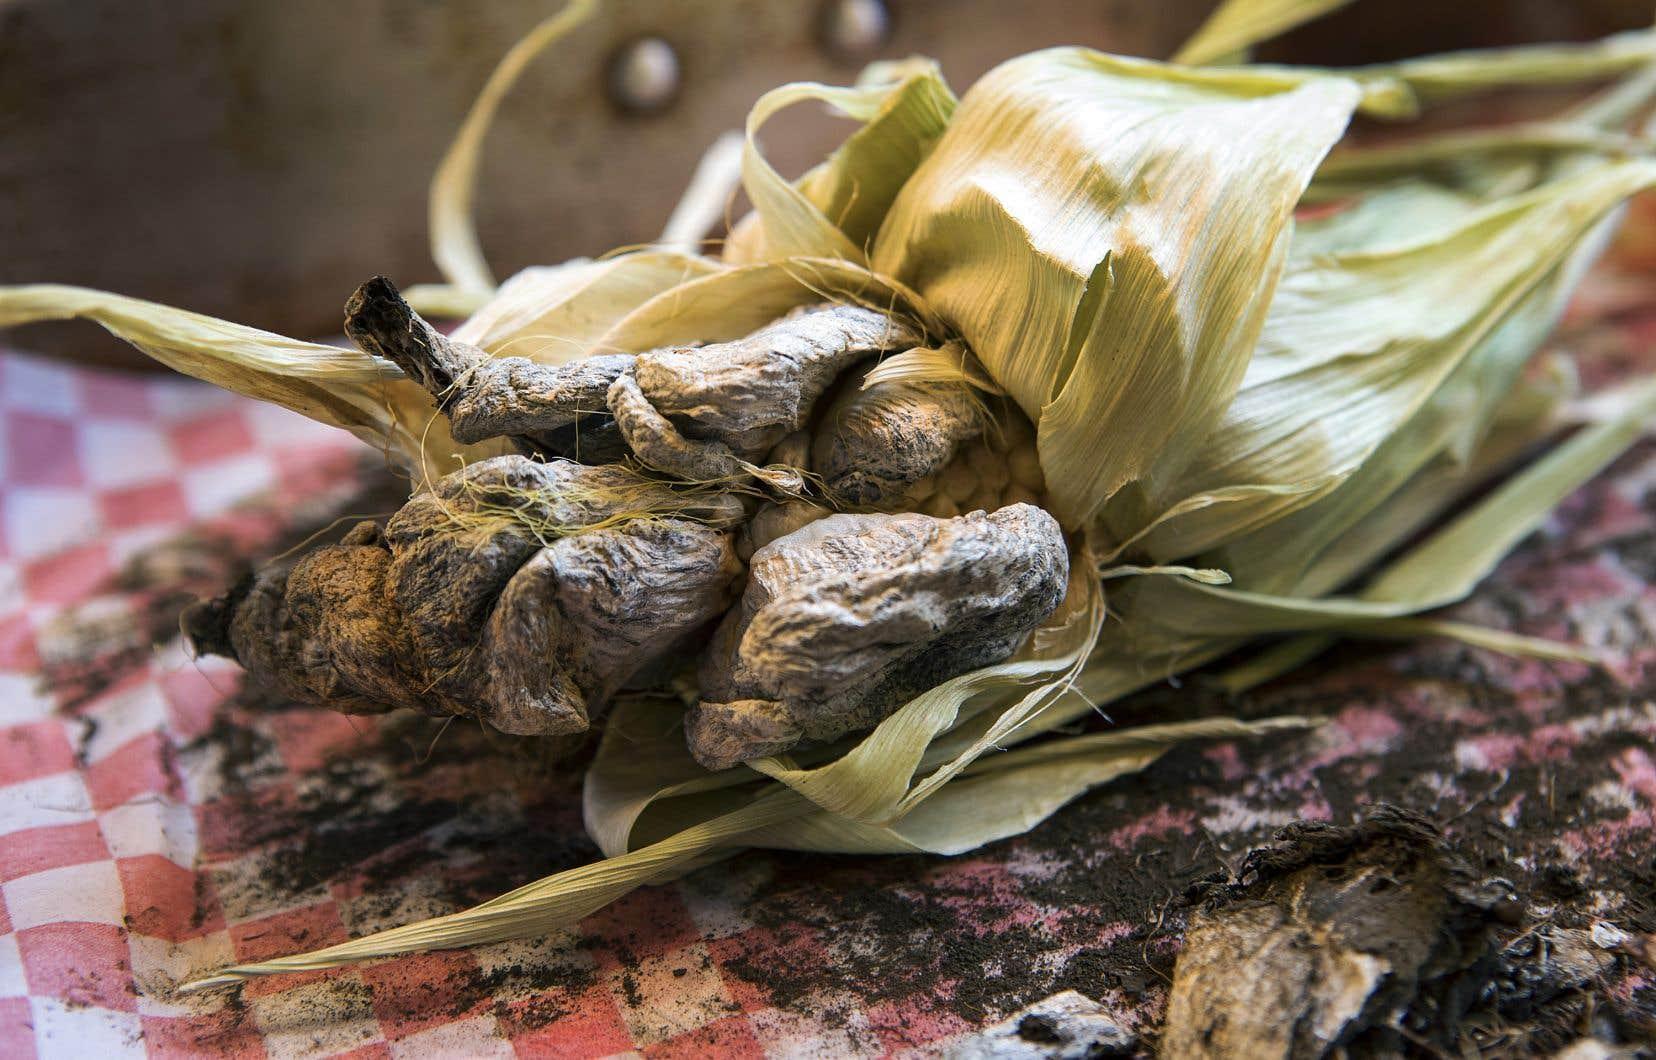 Avec ses excroissances aux teintes douteuses, le huitlacoche fait sourciller, mais sa chair est délicieuse.